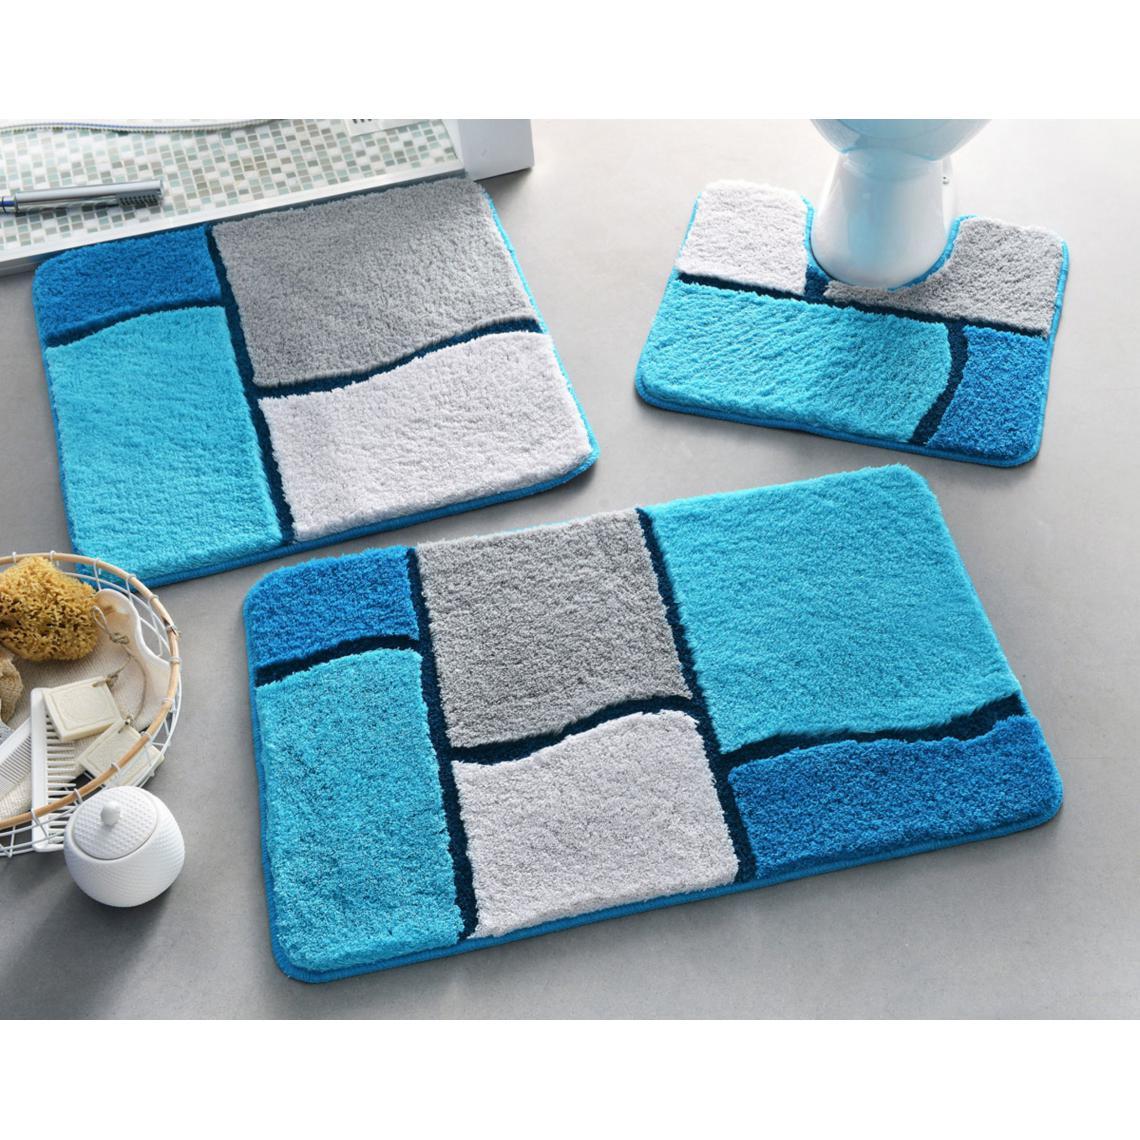 tapis wc glasgow bleu